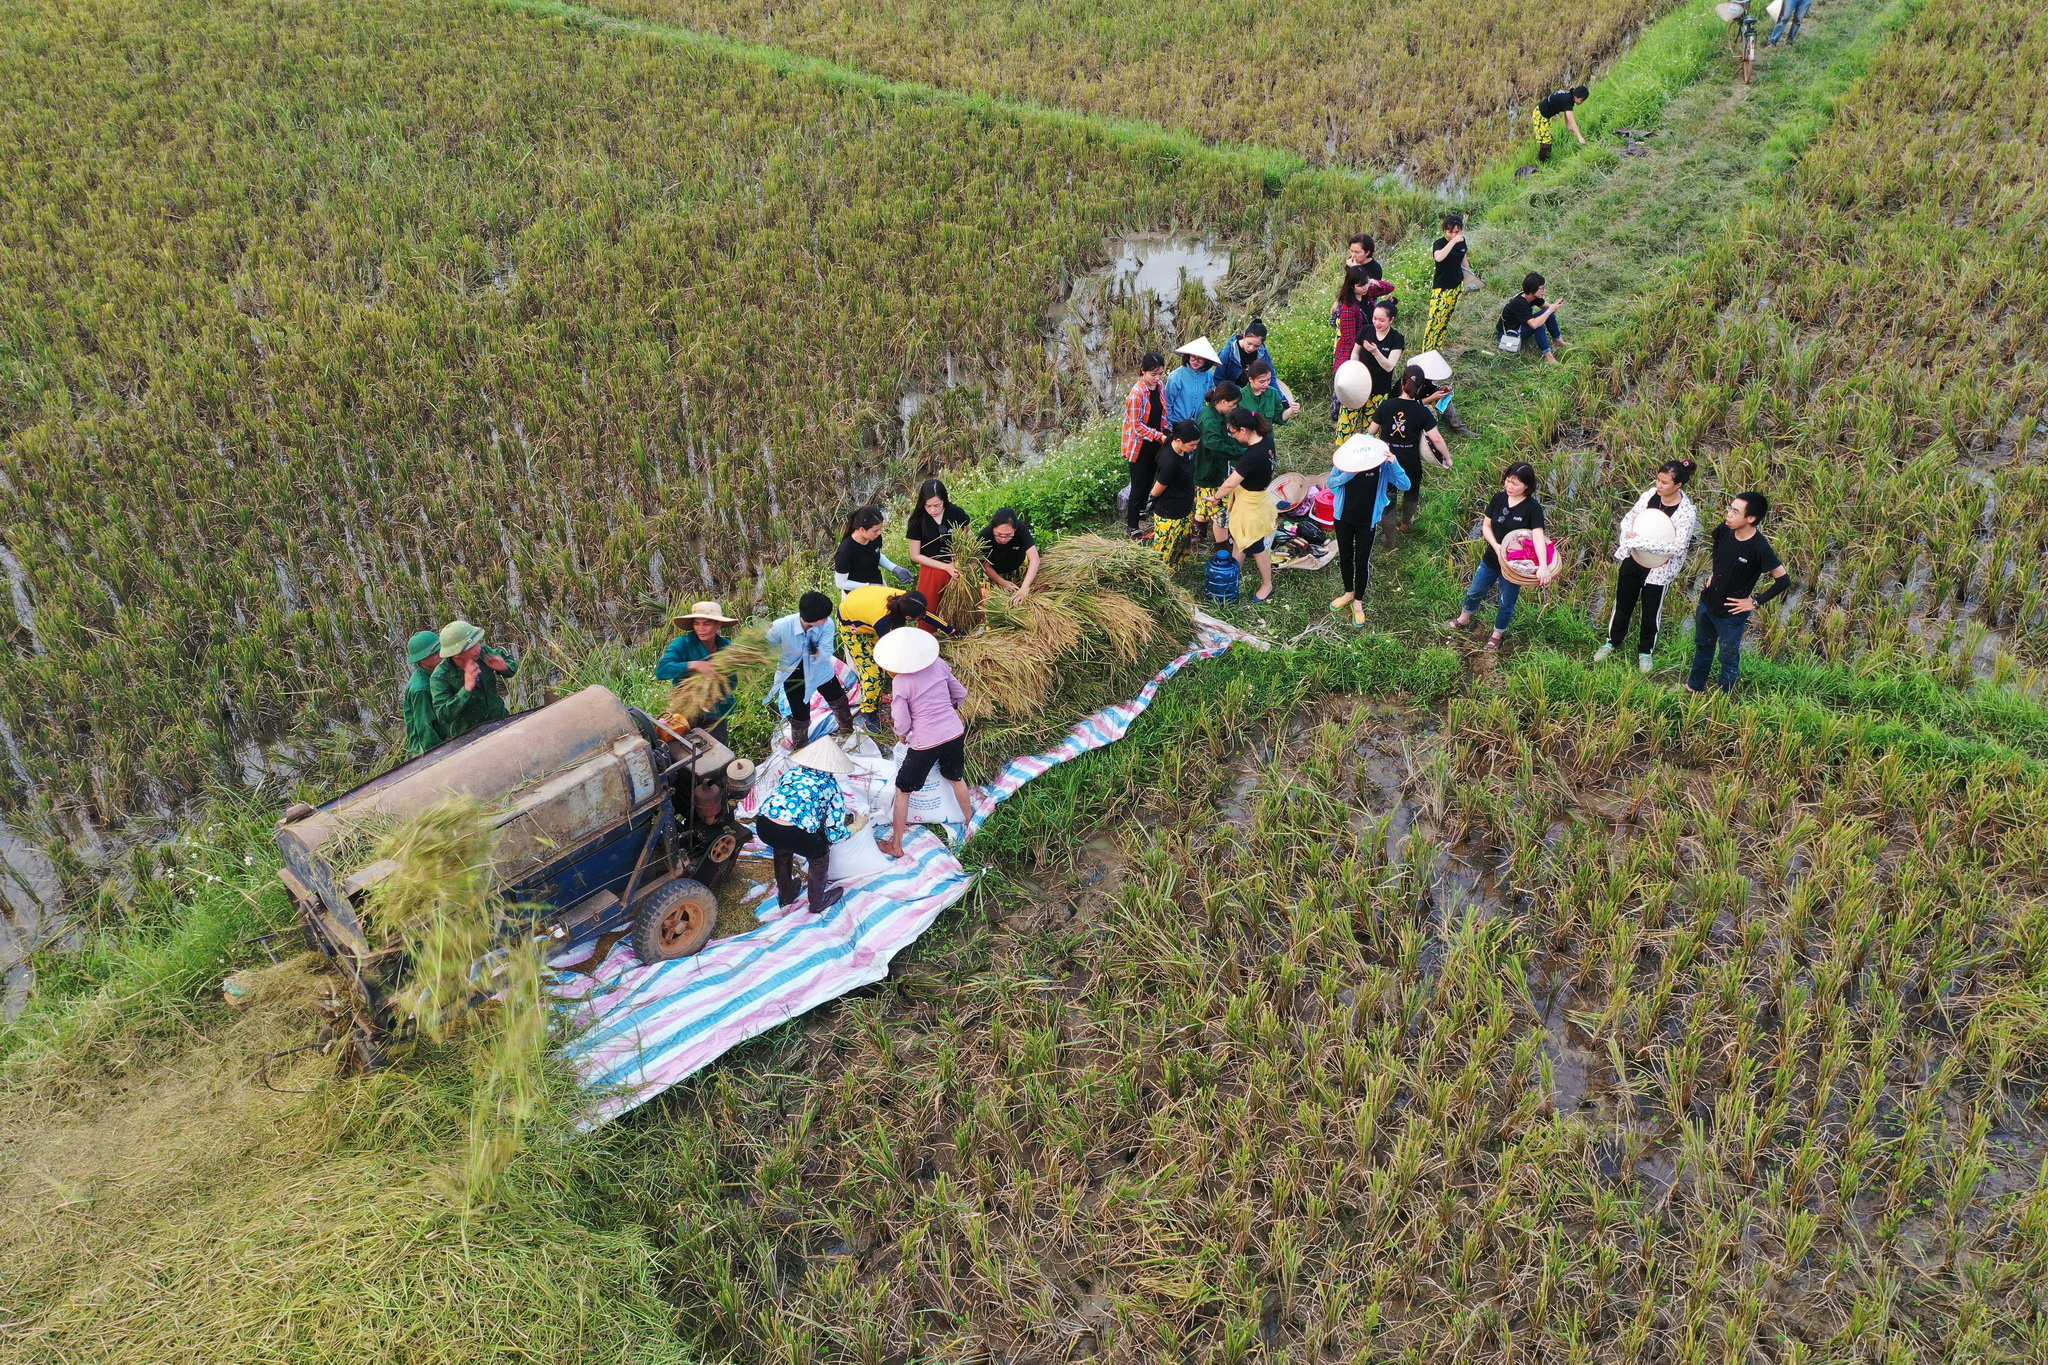 Lúa sau khi gặt xong được tuốt luôn trên cánh đồng. Mọi người tự túc làm từ A - Z: chuyển lúa và đóng vào bao mang về sân phơi. Theo BTC, lúa sau khi đóng gói sẽ được đưa về sân sau của toàn nhà FPT (17 Duy Tân) để phơi khô.